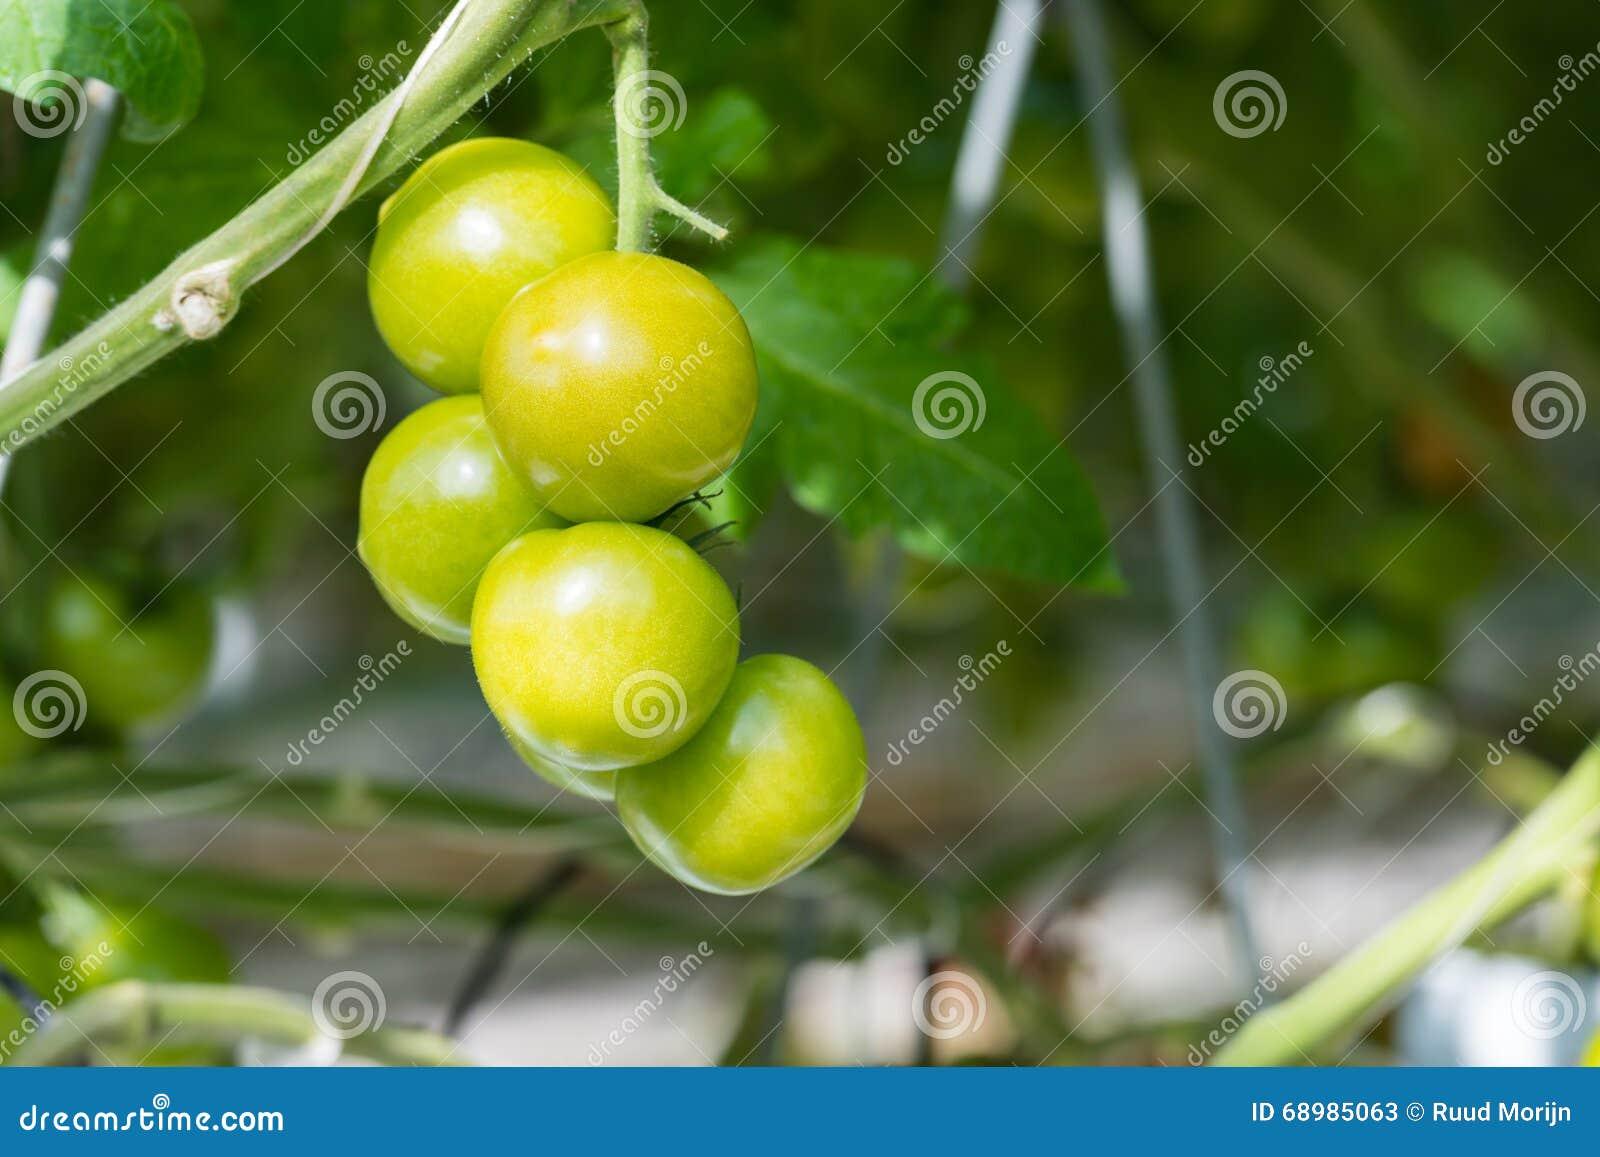 Tomates de maduración en un invernadero